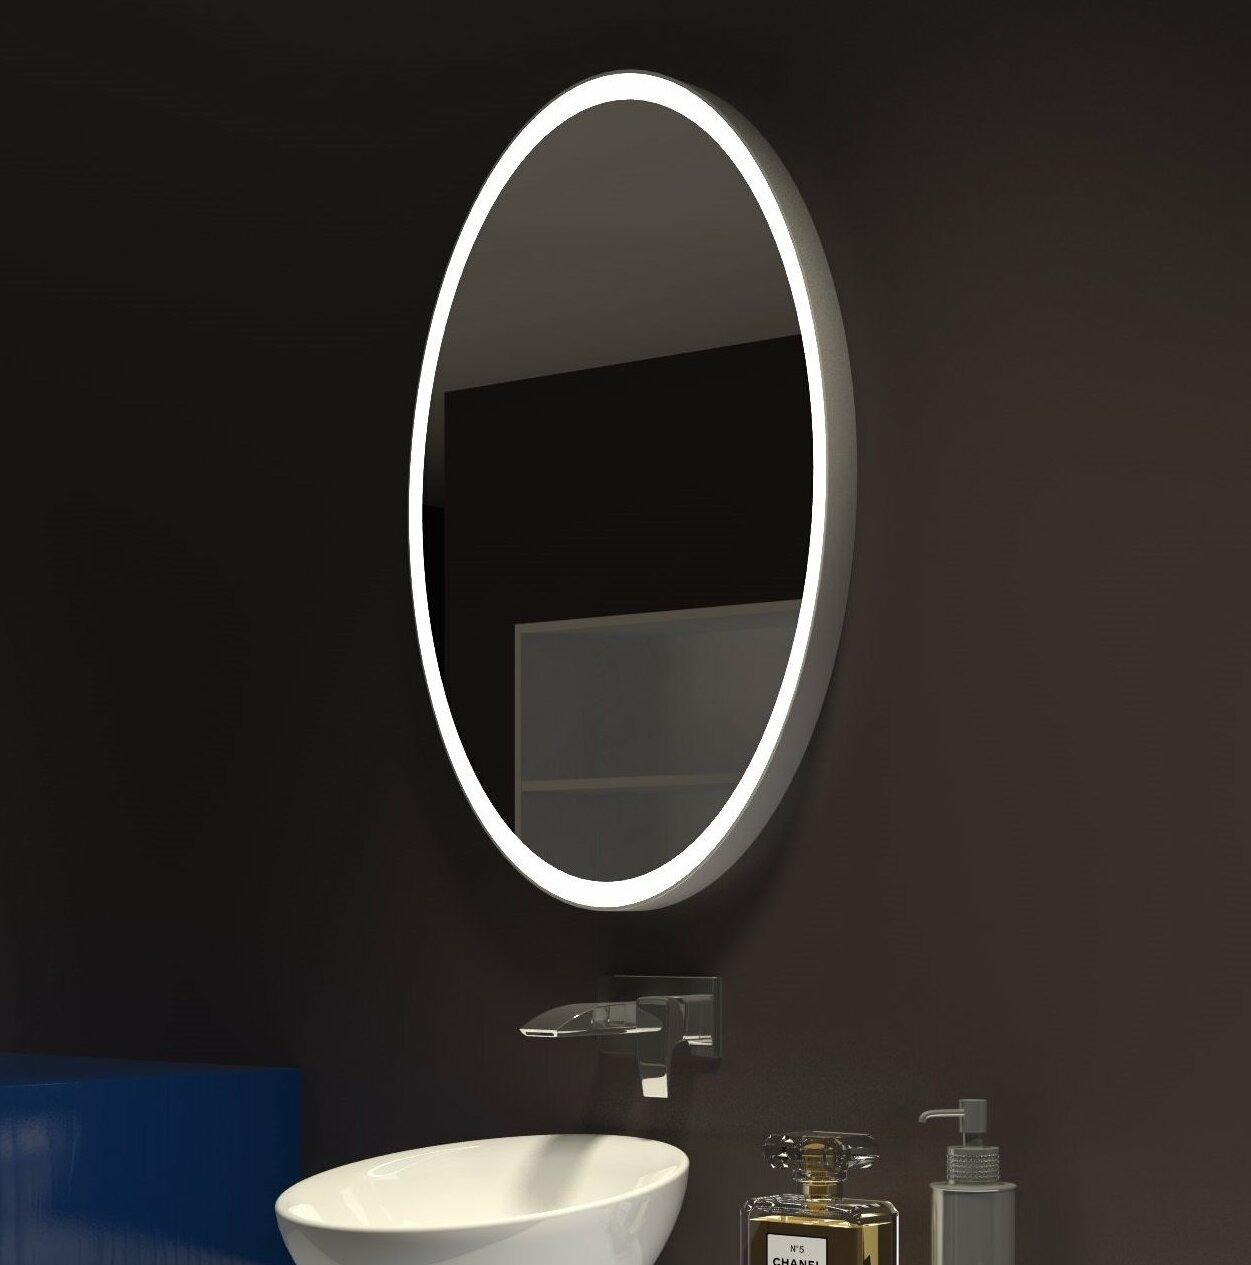 Galaxy Illuminated Oval Bathroom Mirror